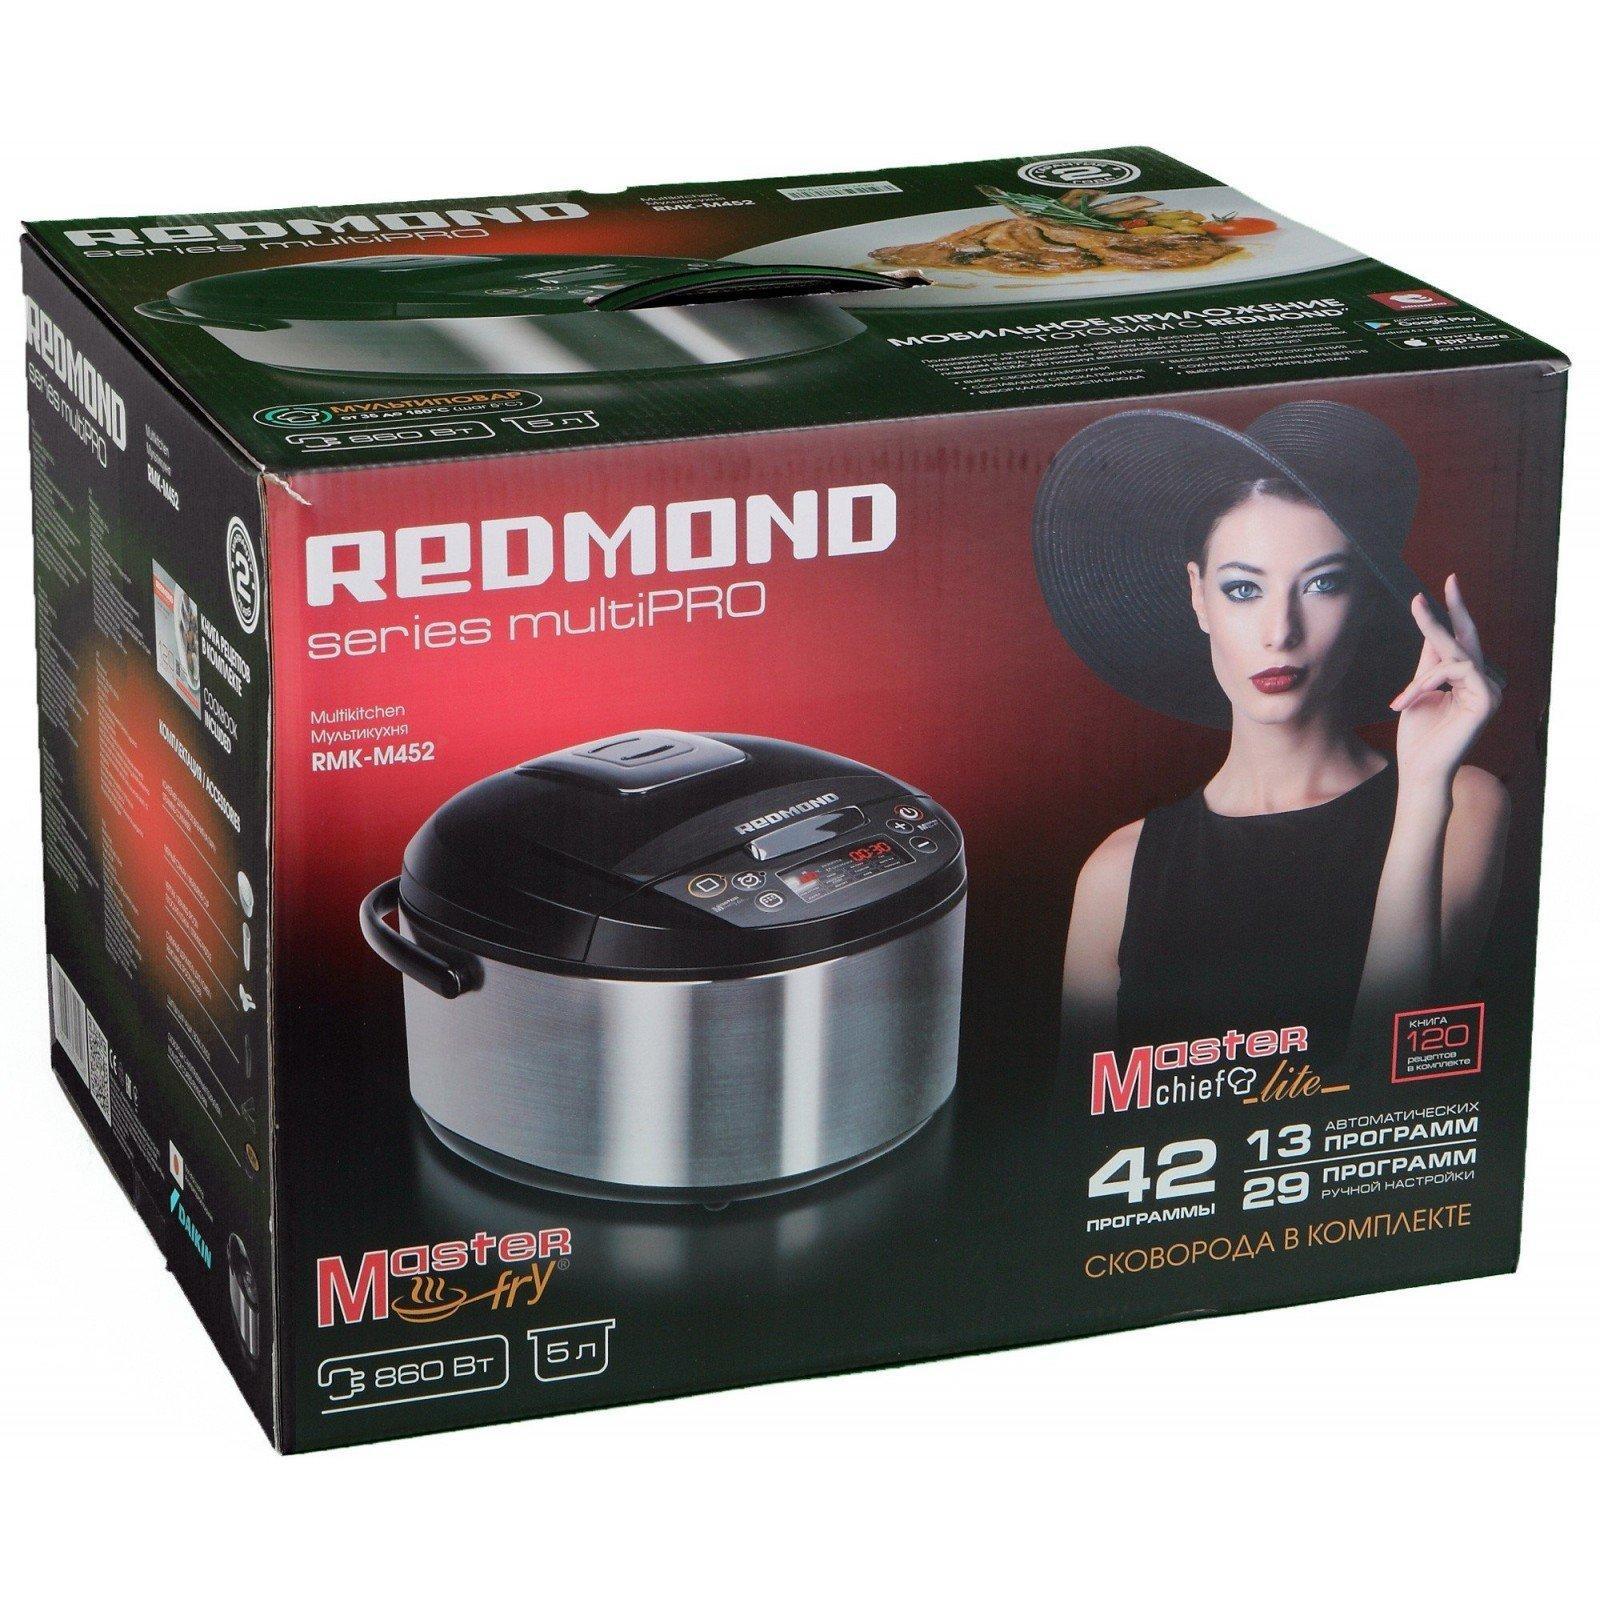 Мультиварка REDMOND RMK-M452 изображение 12